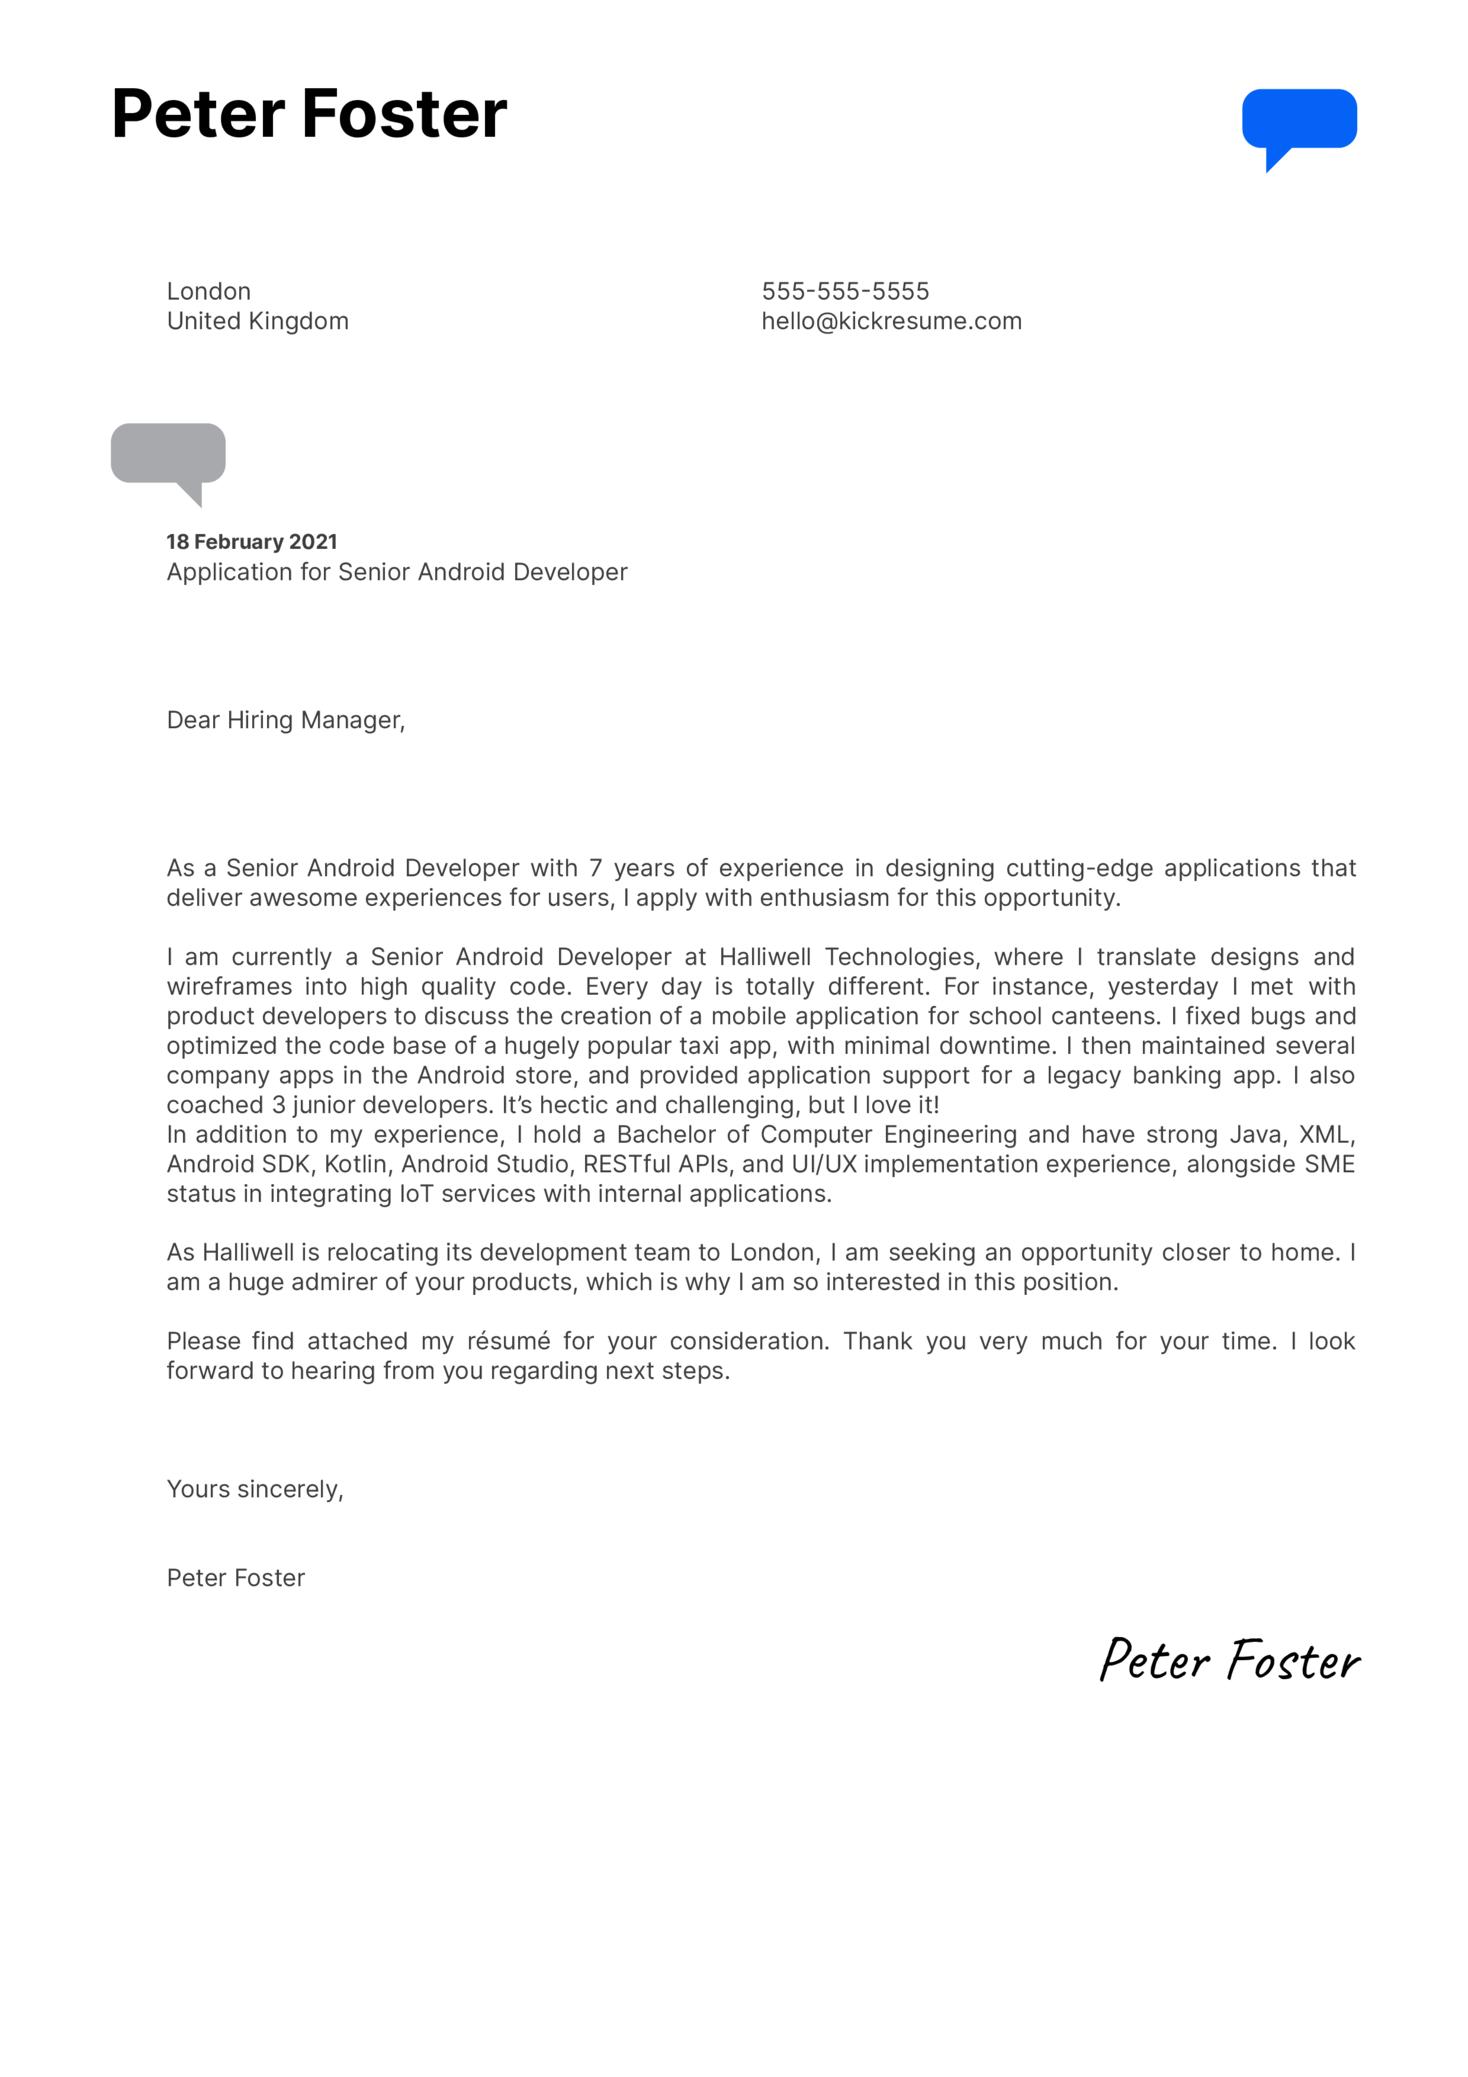 Senior Android Developer Cover Letter Template